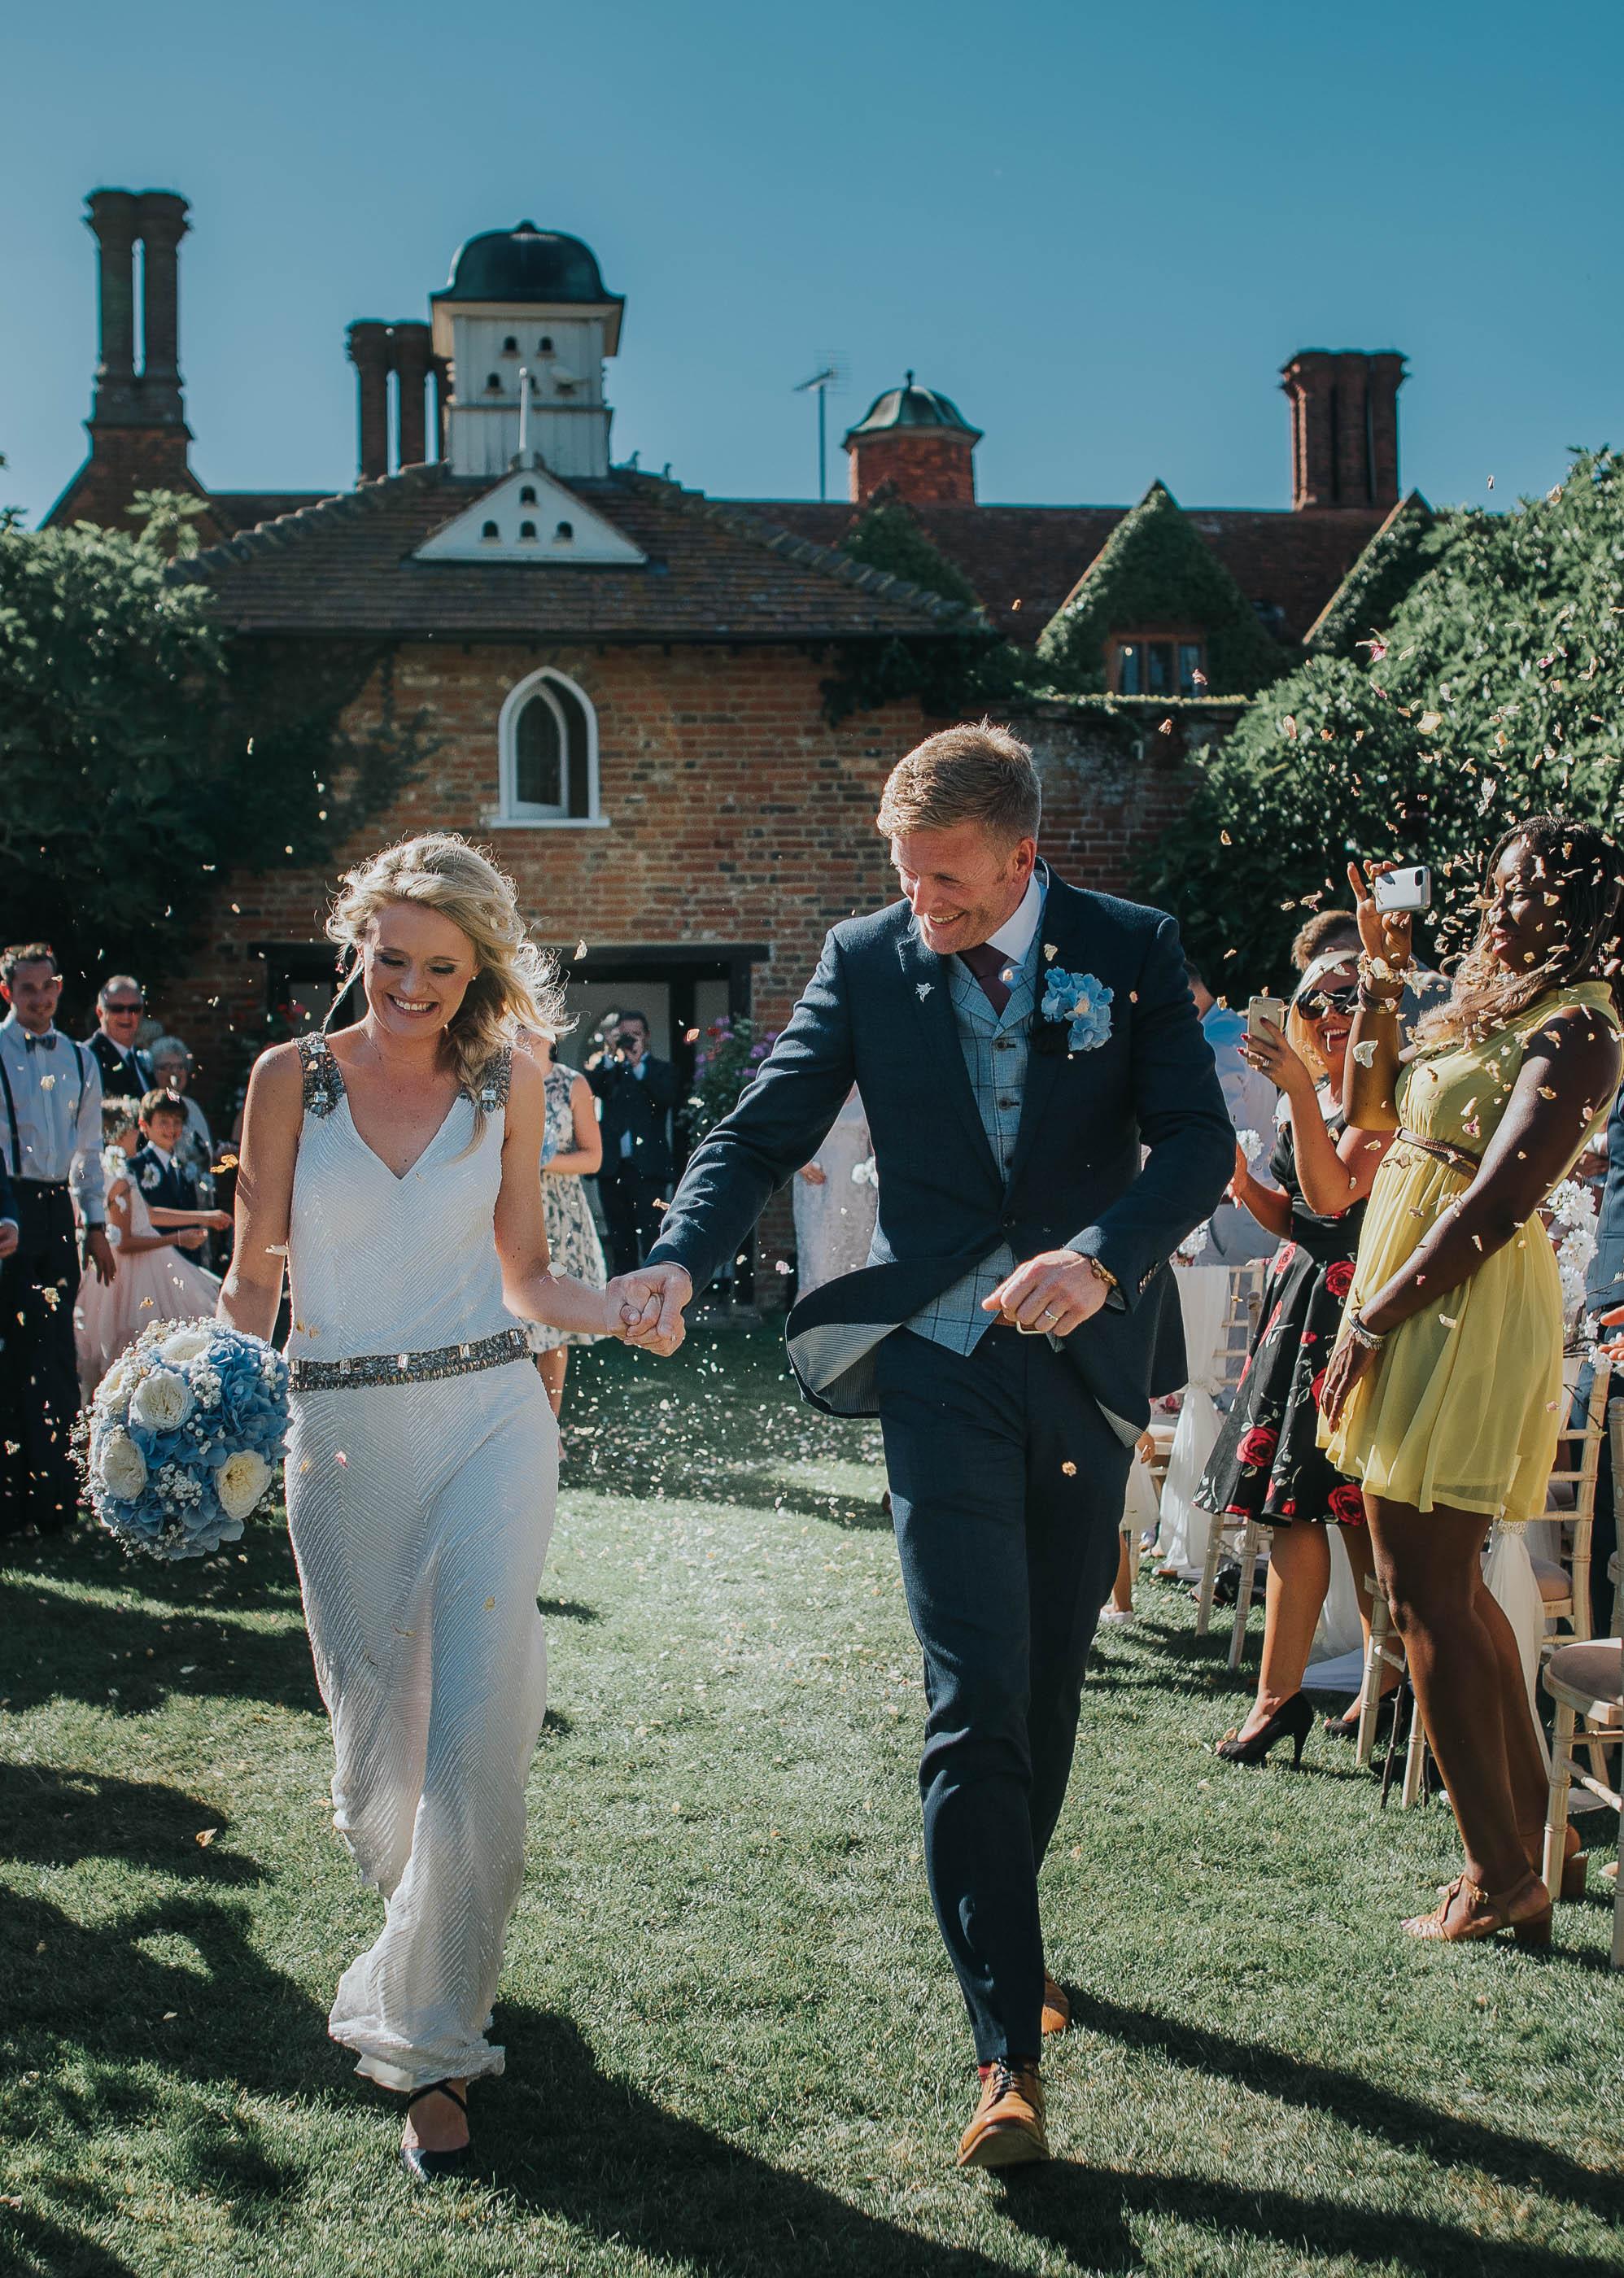 Creative Unique Wedding Photographer Essex Suffolk UK Wedding Photographer www.purplepeartreephotography.com (433).JPG